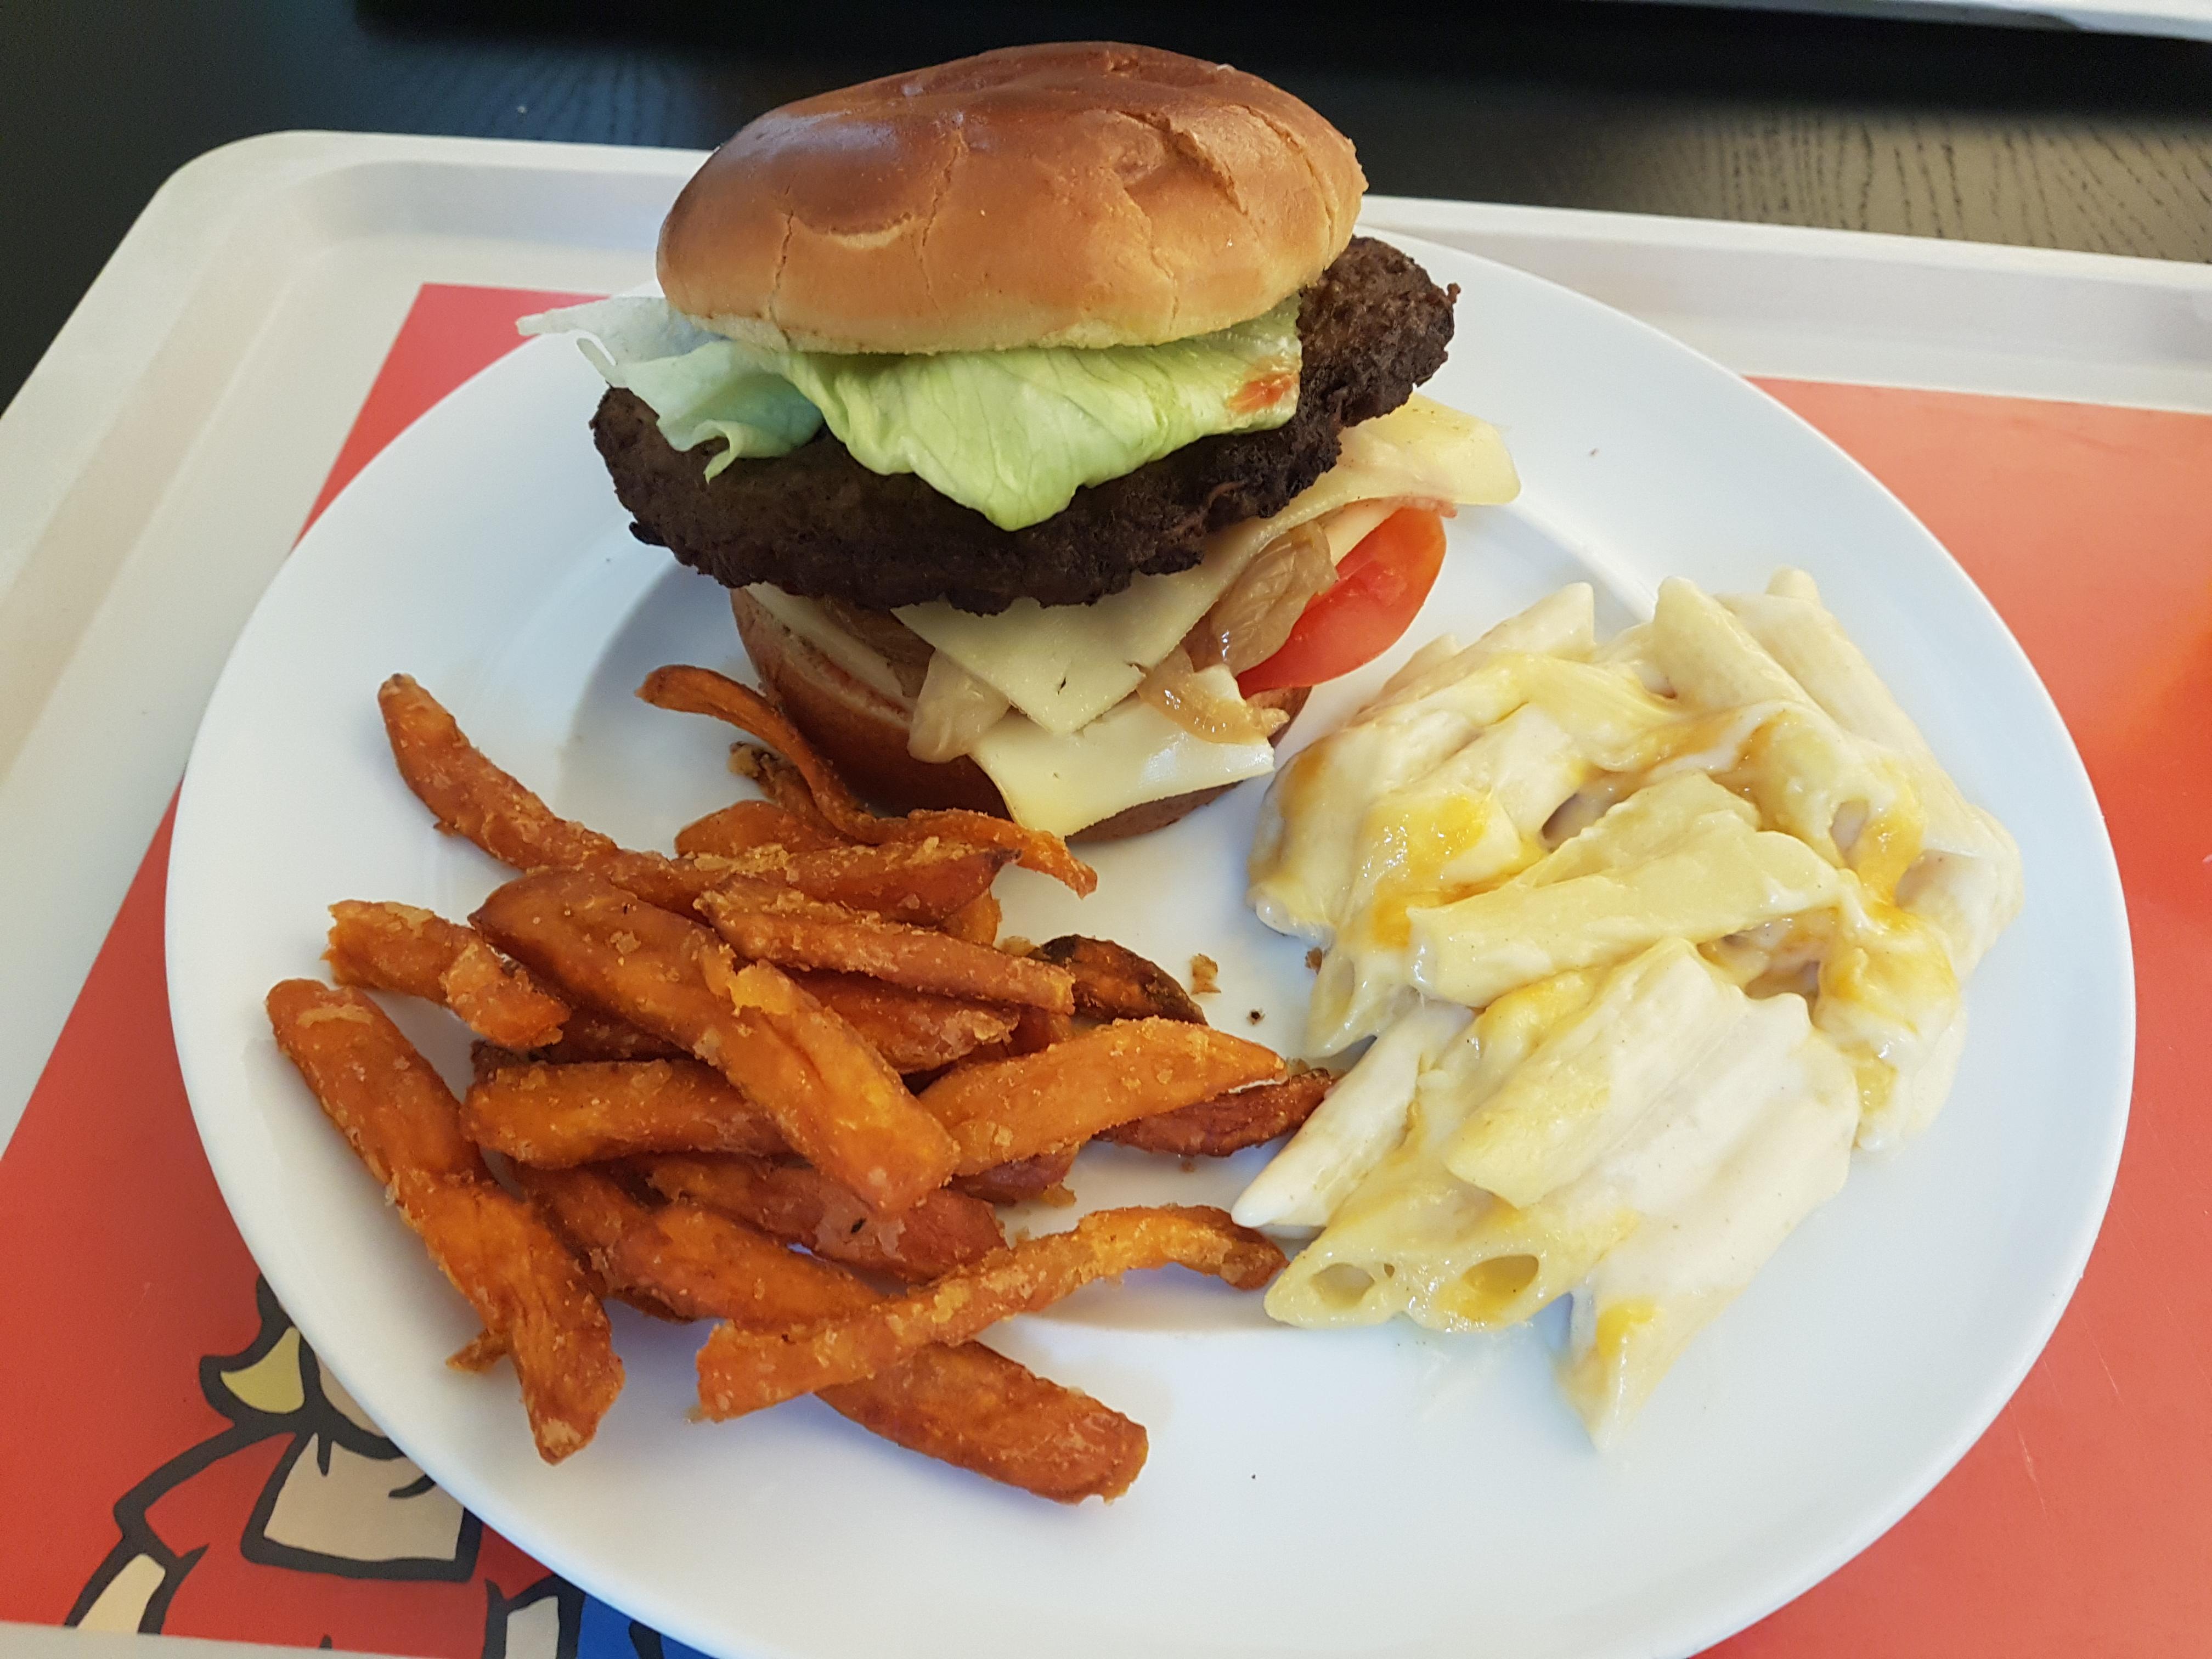 https://foodloader.net/Holz_2020-02-19_Burger.jpg